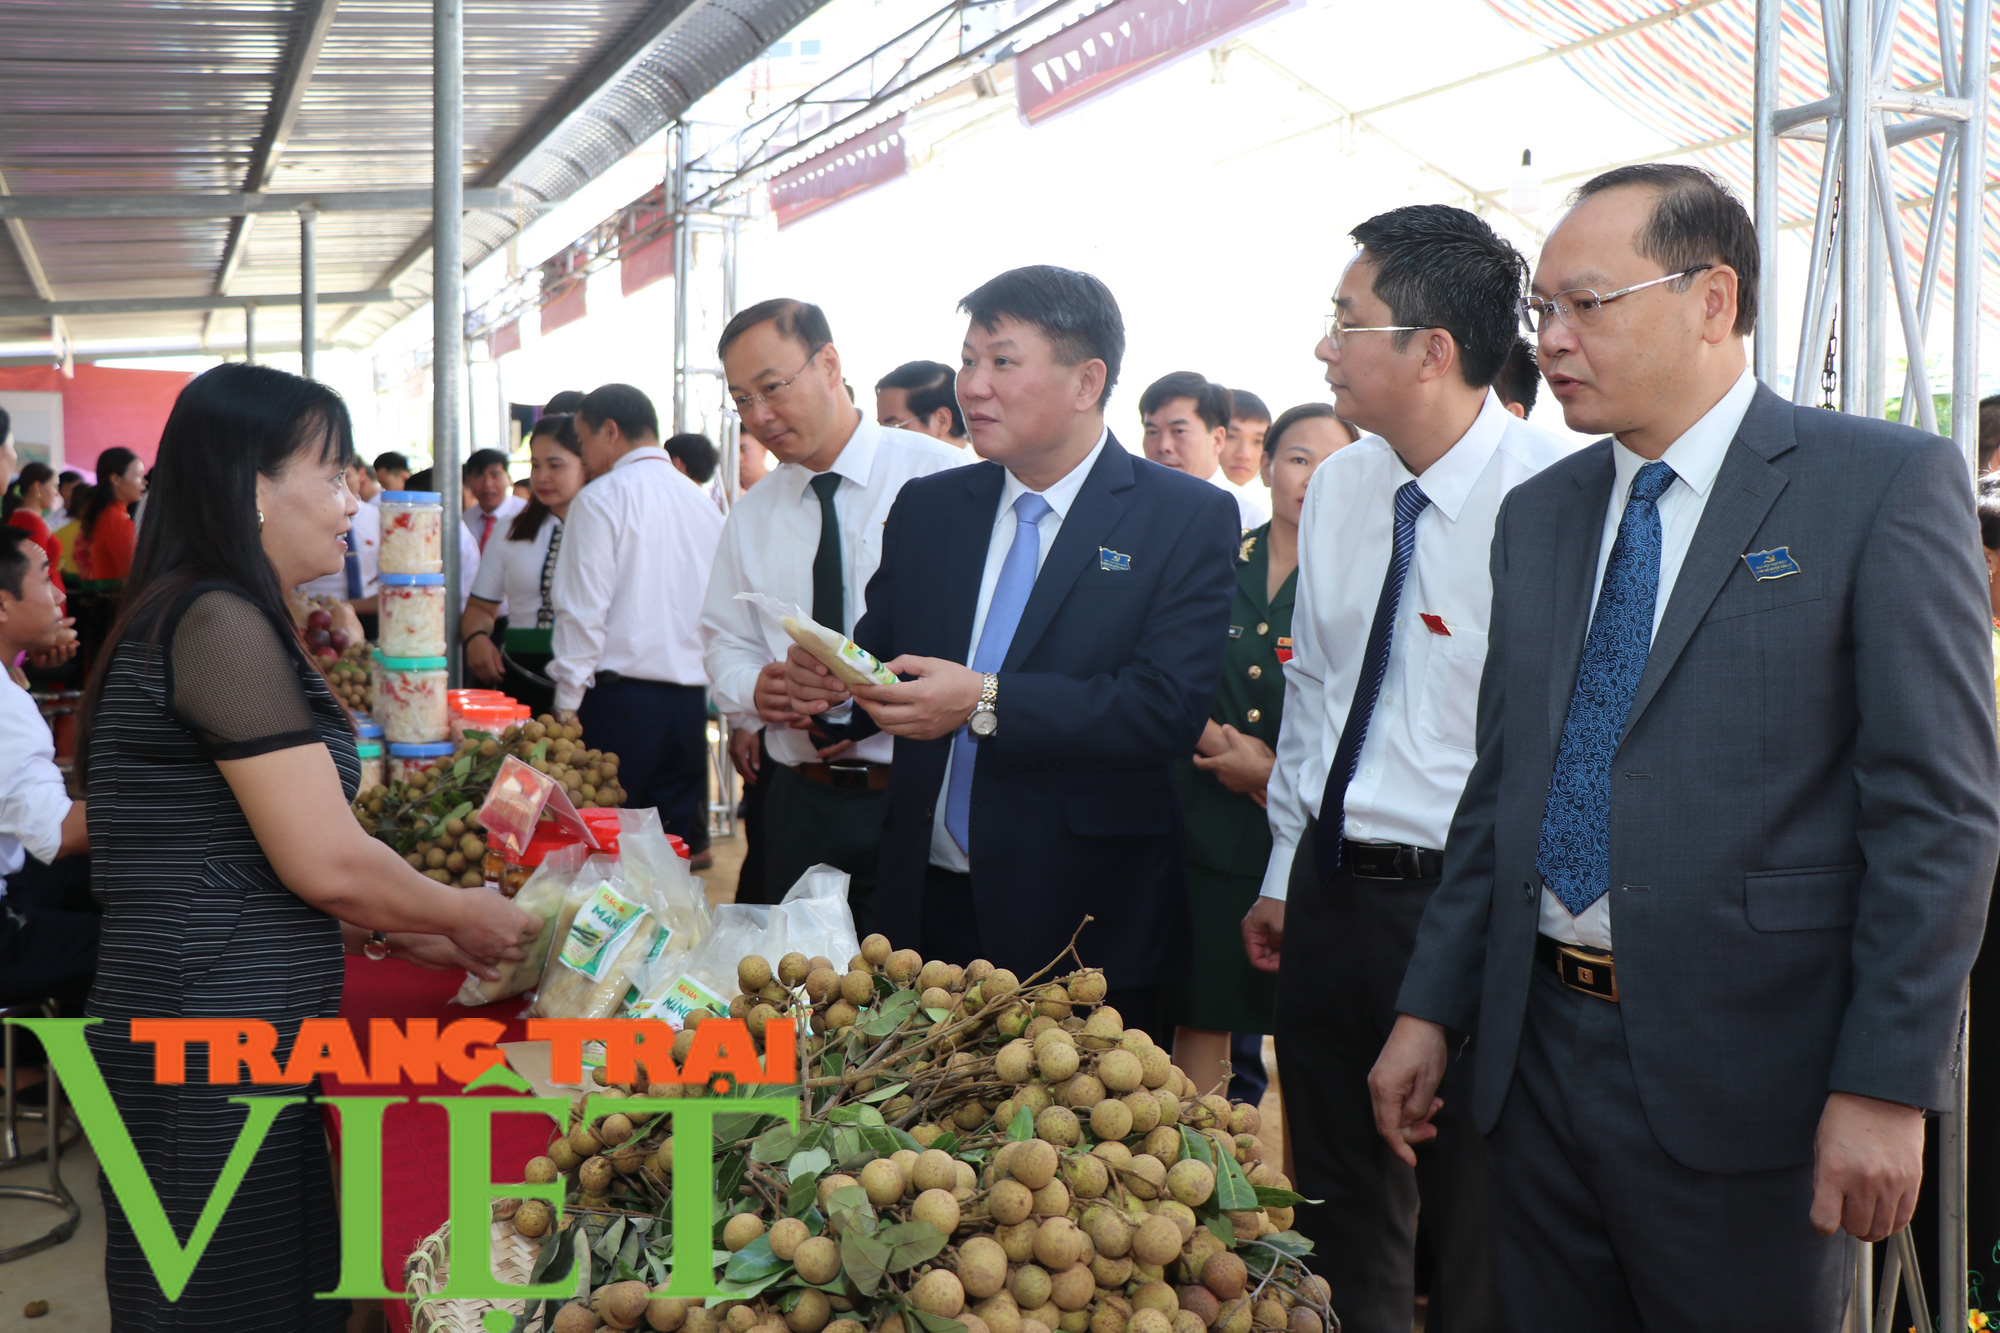 Đại hội đại biểu Đảng bộ huyện Vân Hồ phấn đấu đến 2025 đưa huyện thoát nghèo   - Ảnh 7.